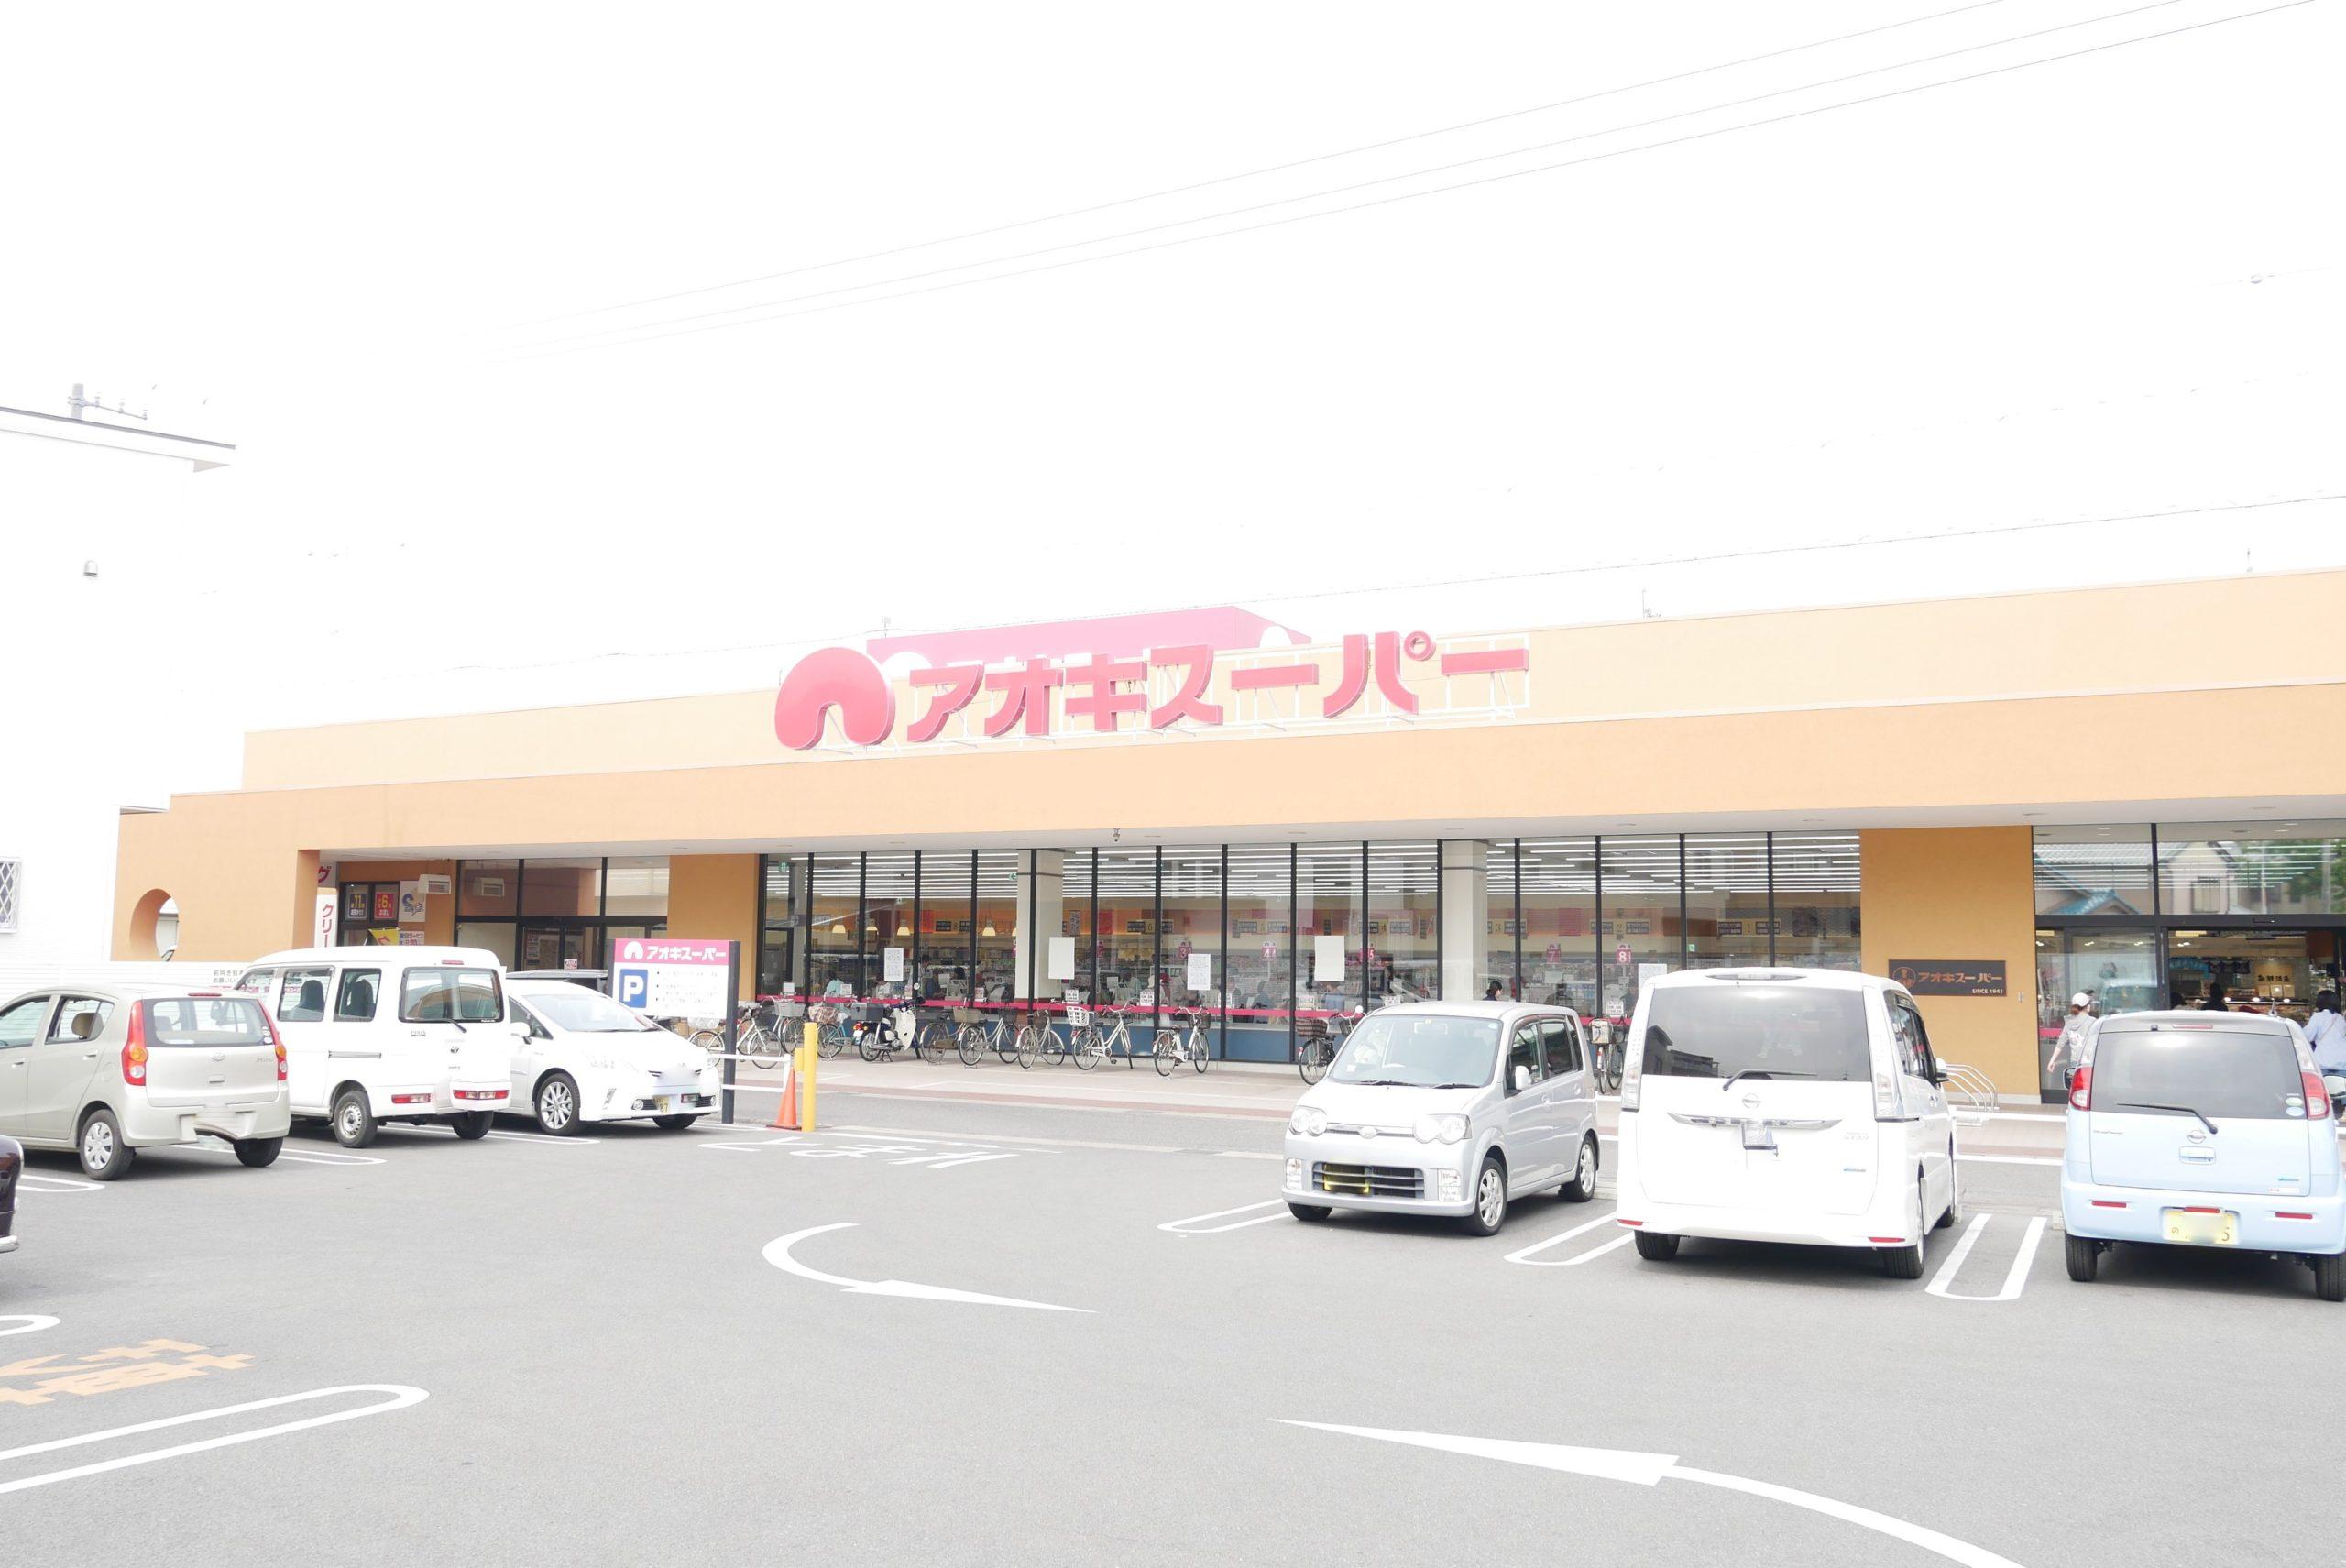 ・アオキスーパー大高